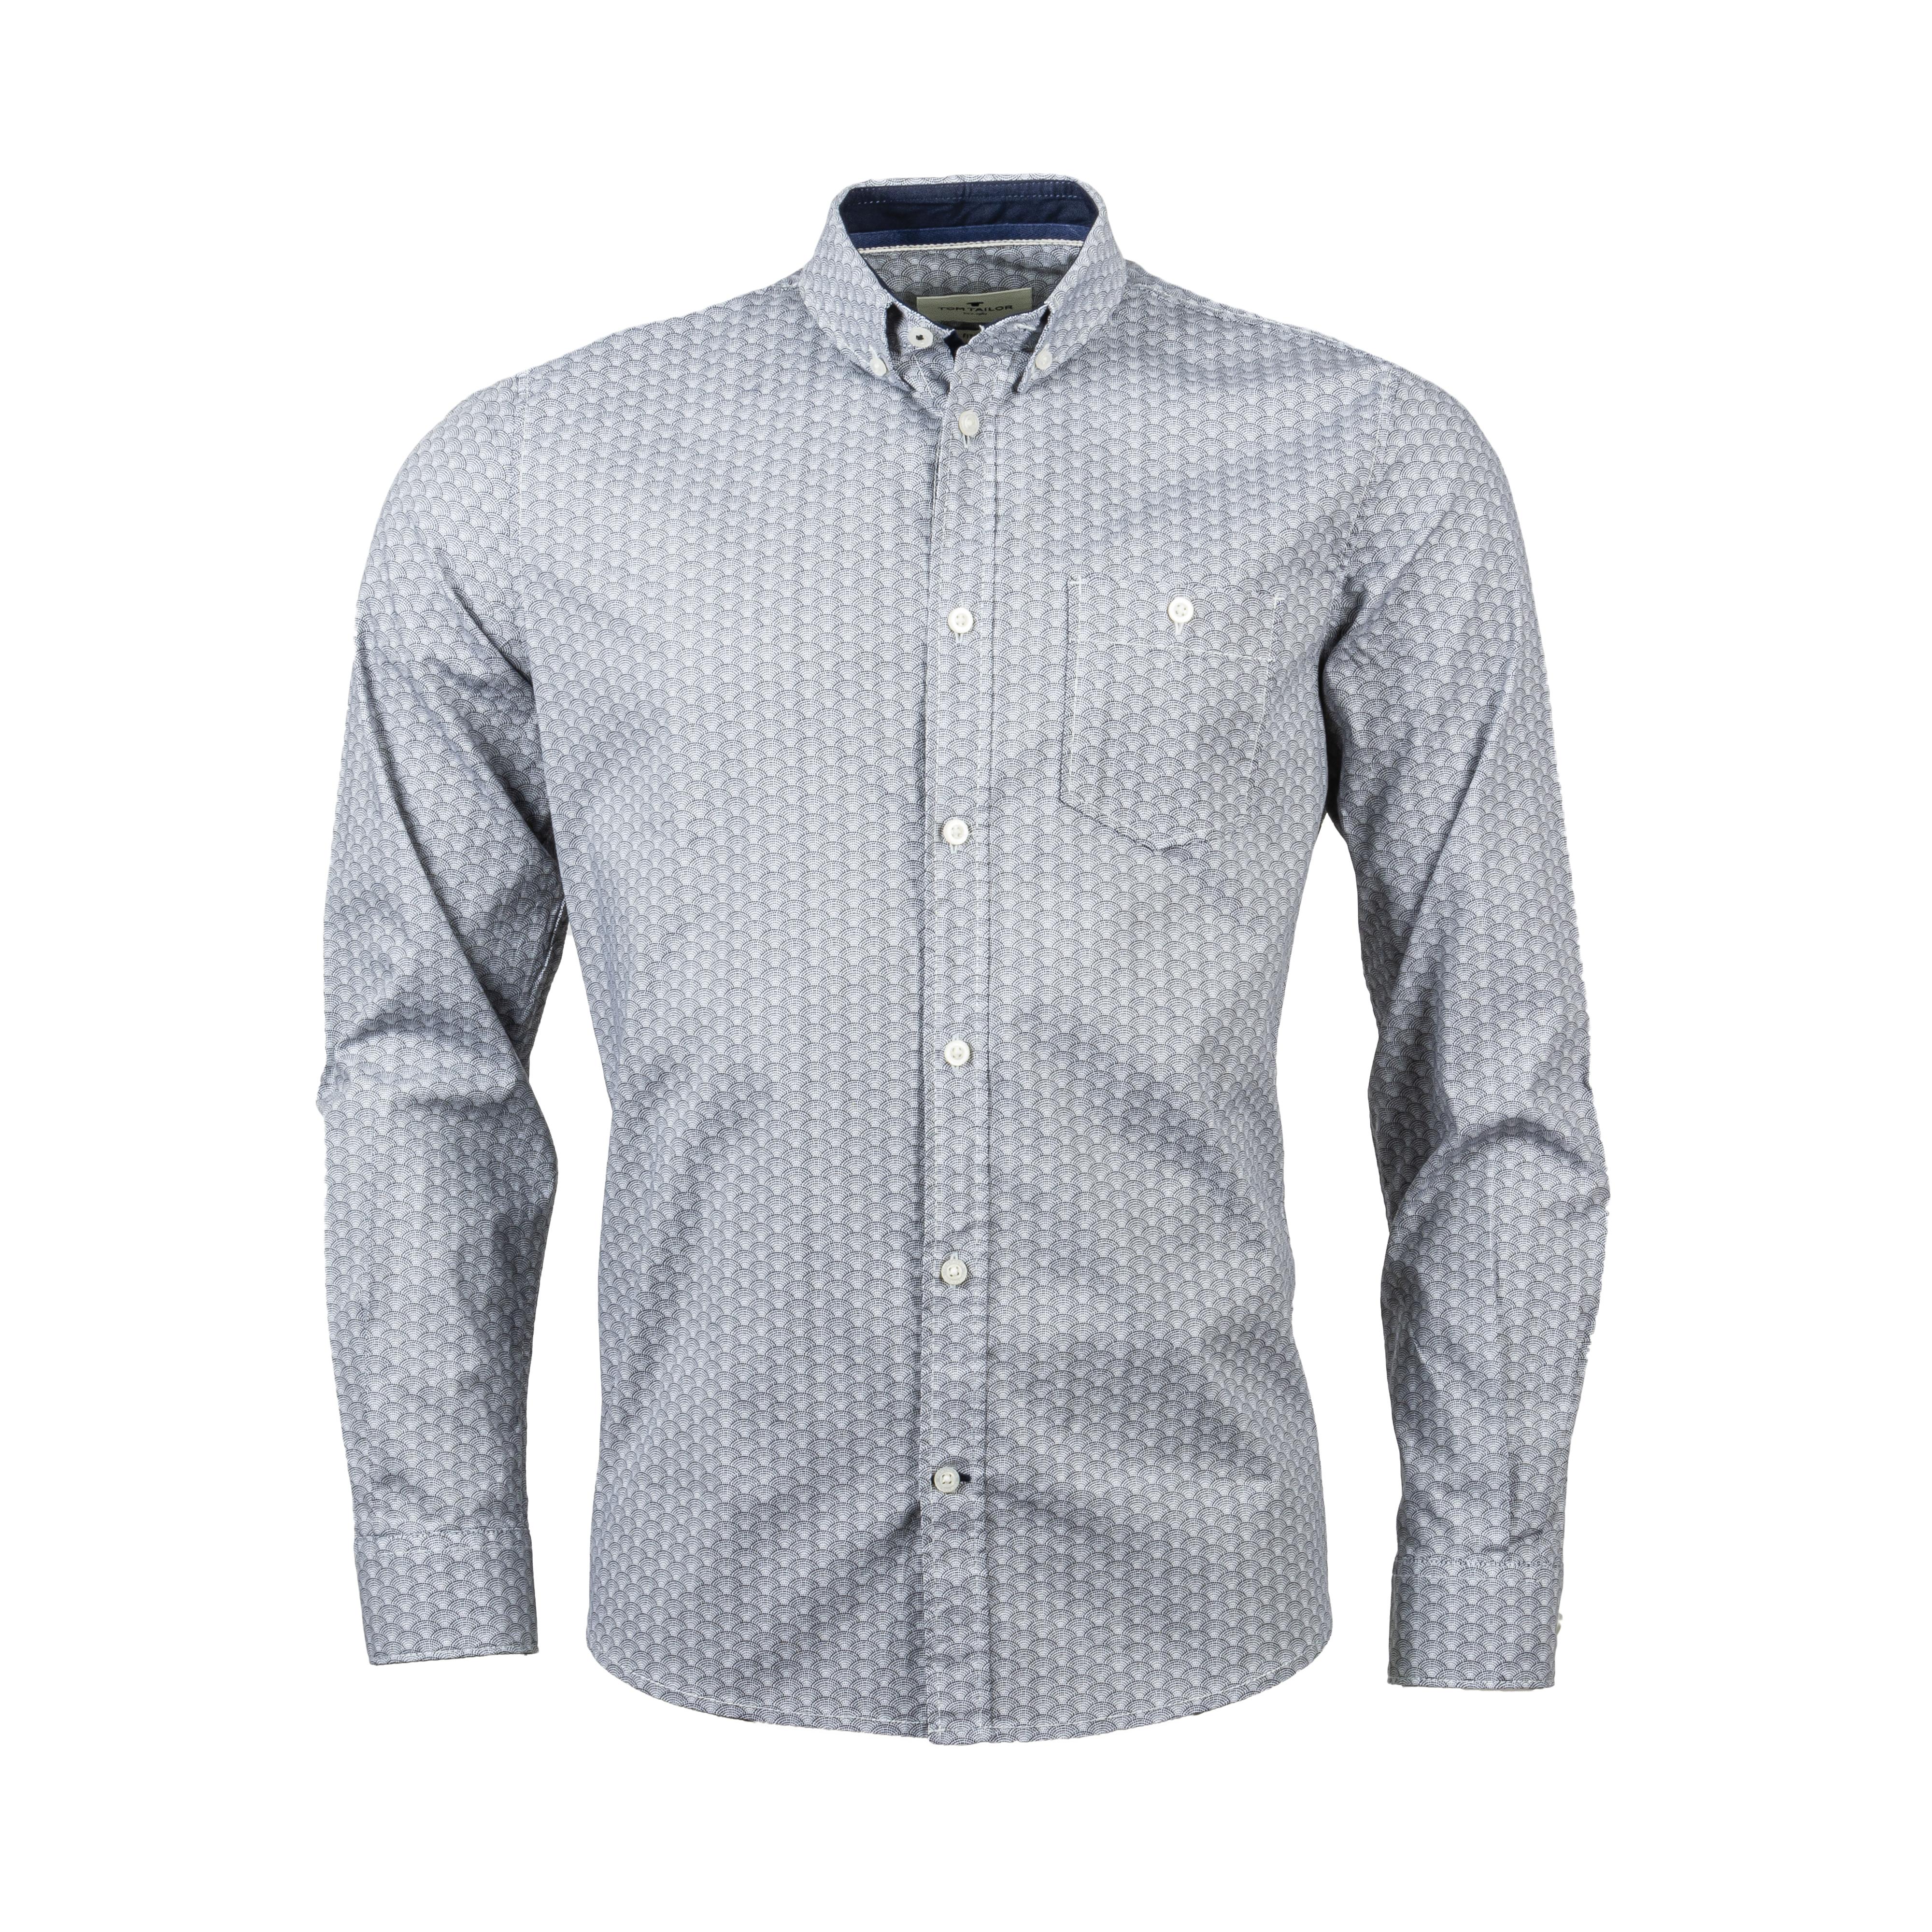 Chemise ajustée Tom Tailor en coton stretch blanc à motifs graphiques noirs